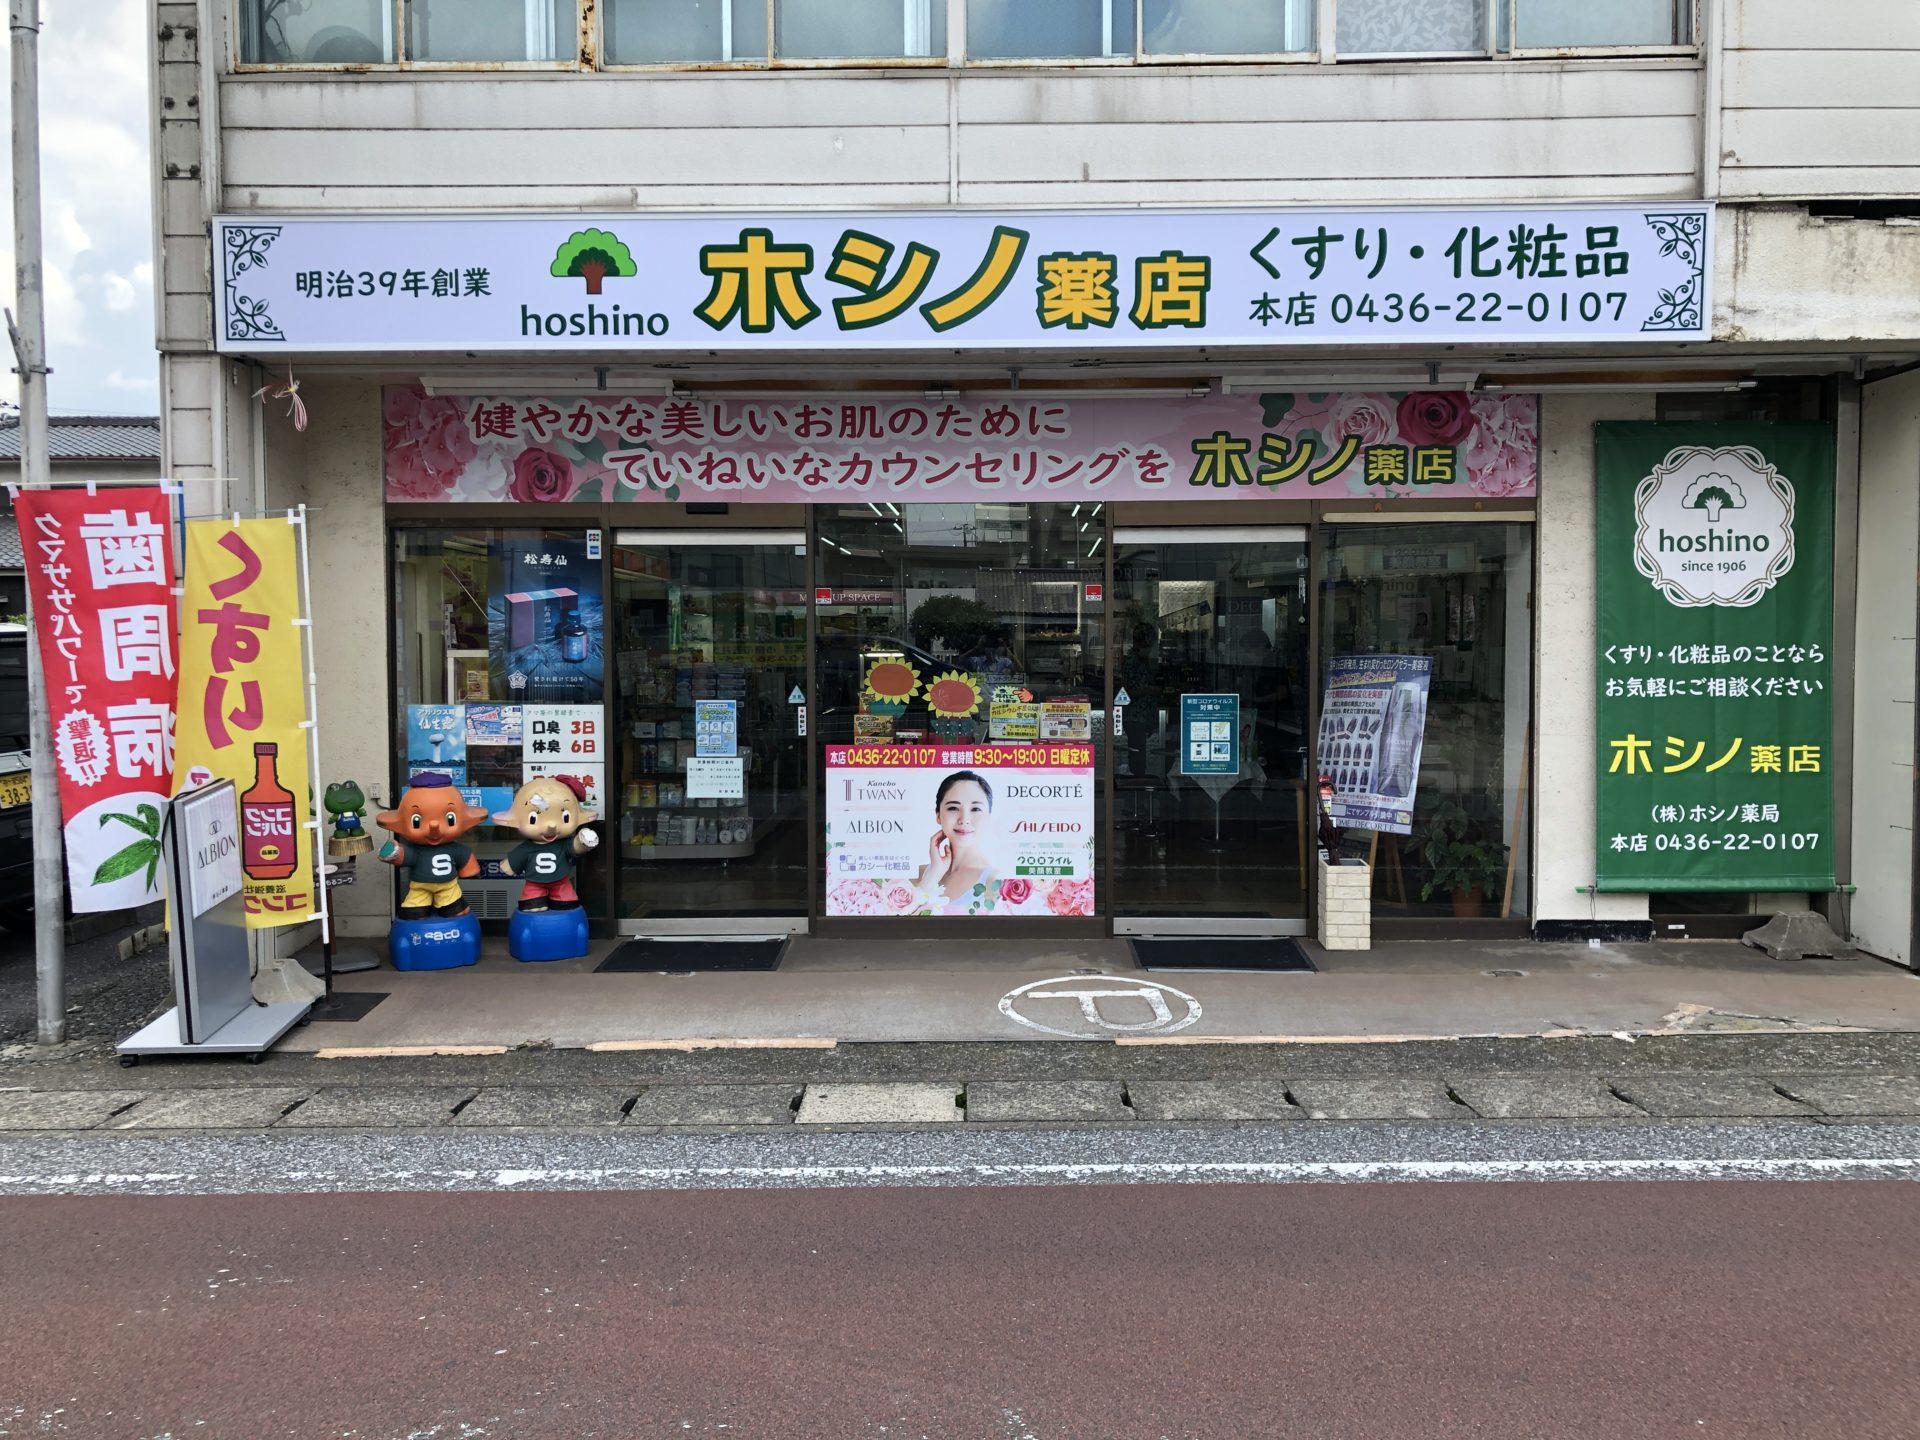 ㈱星野薬店